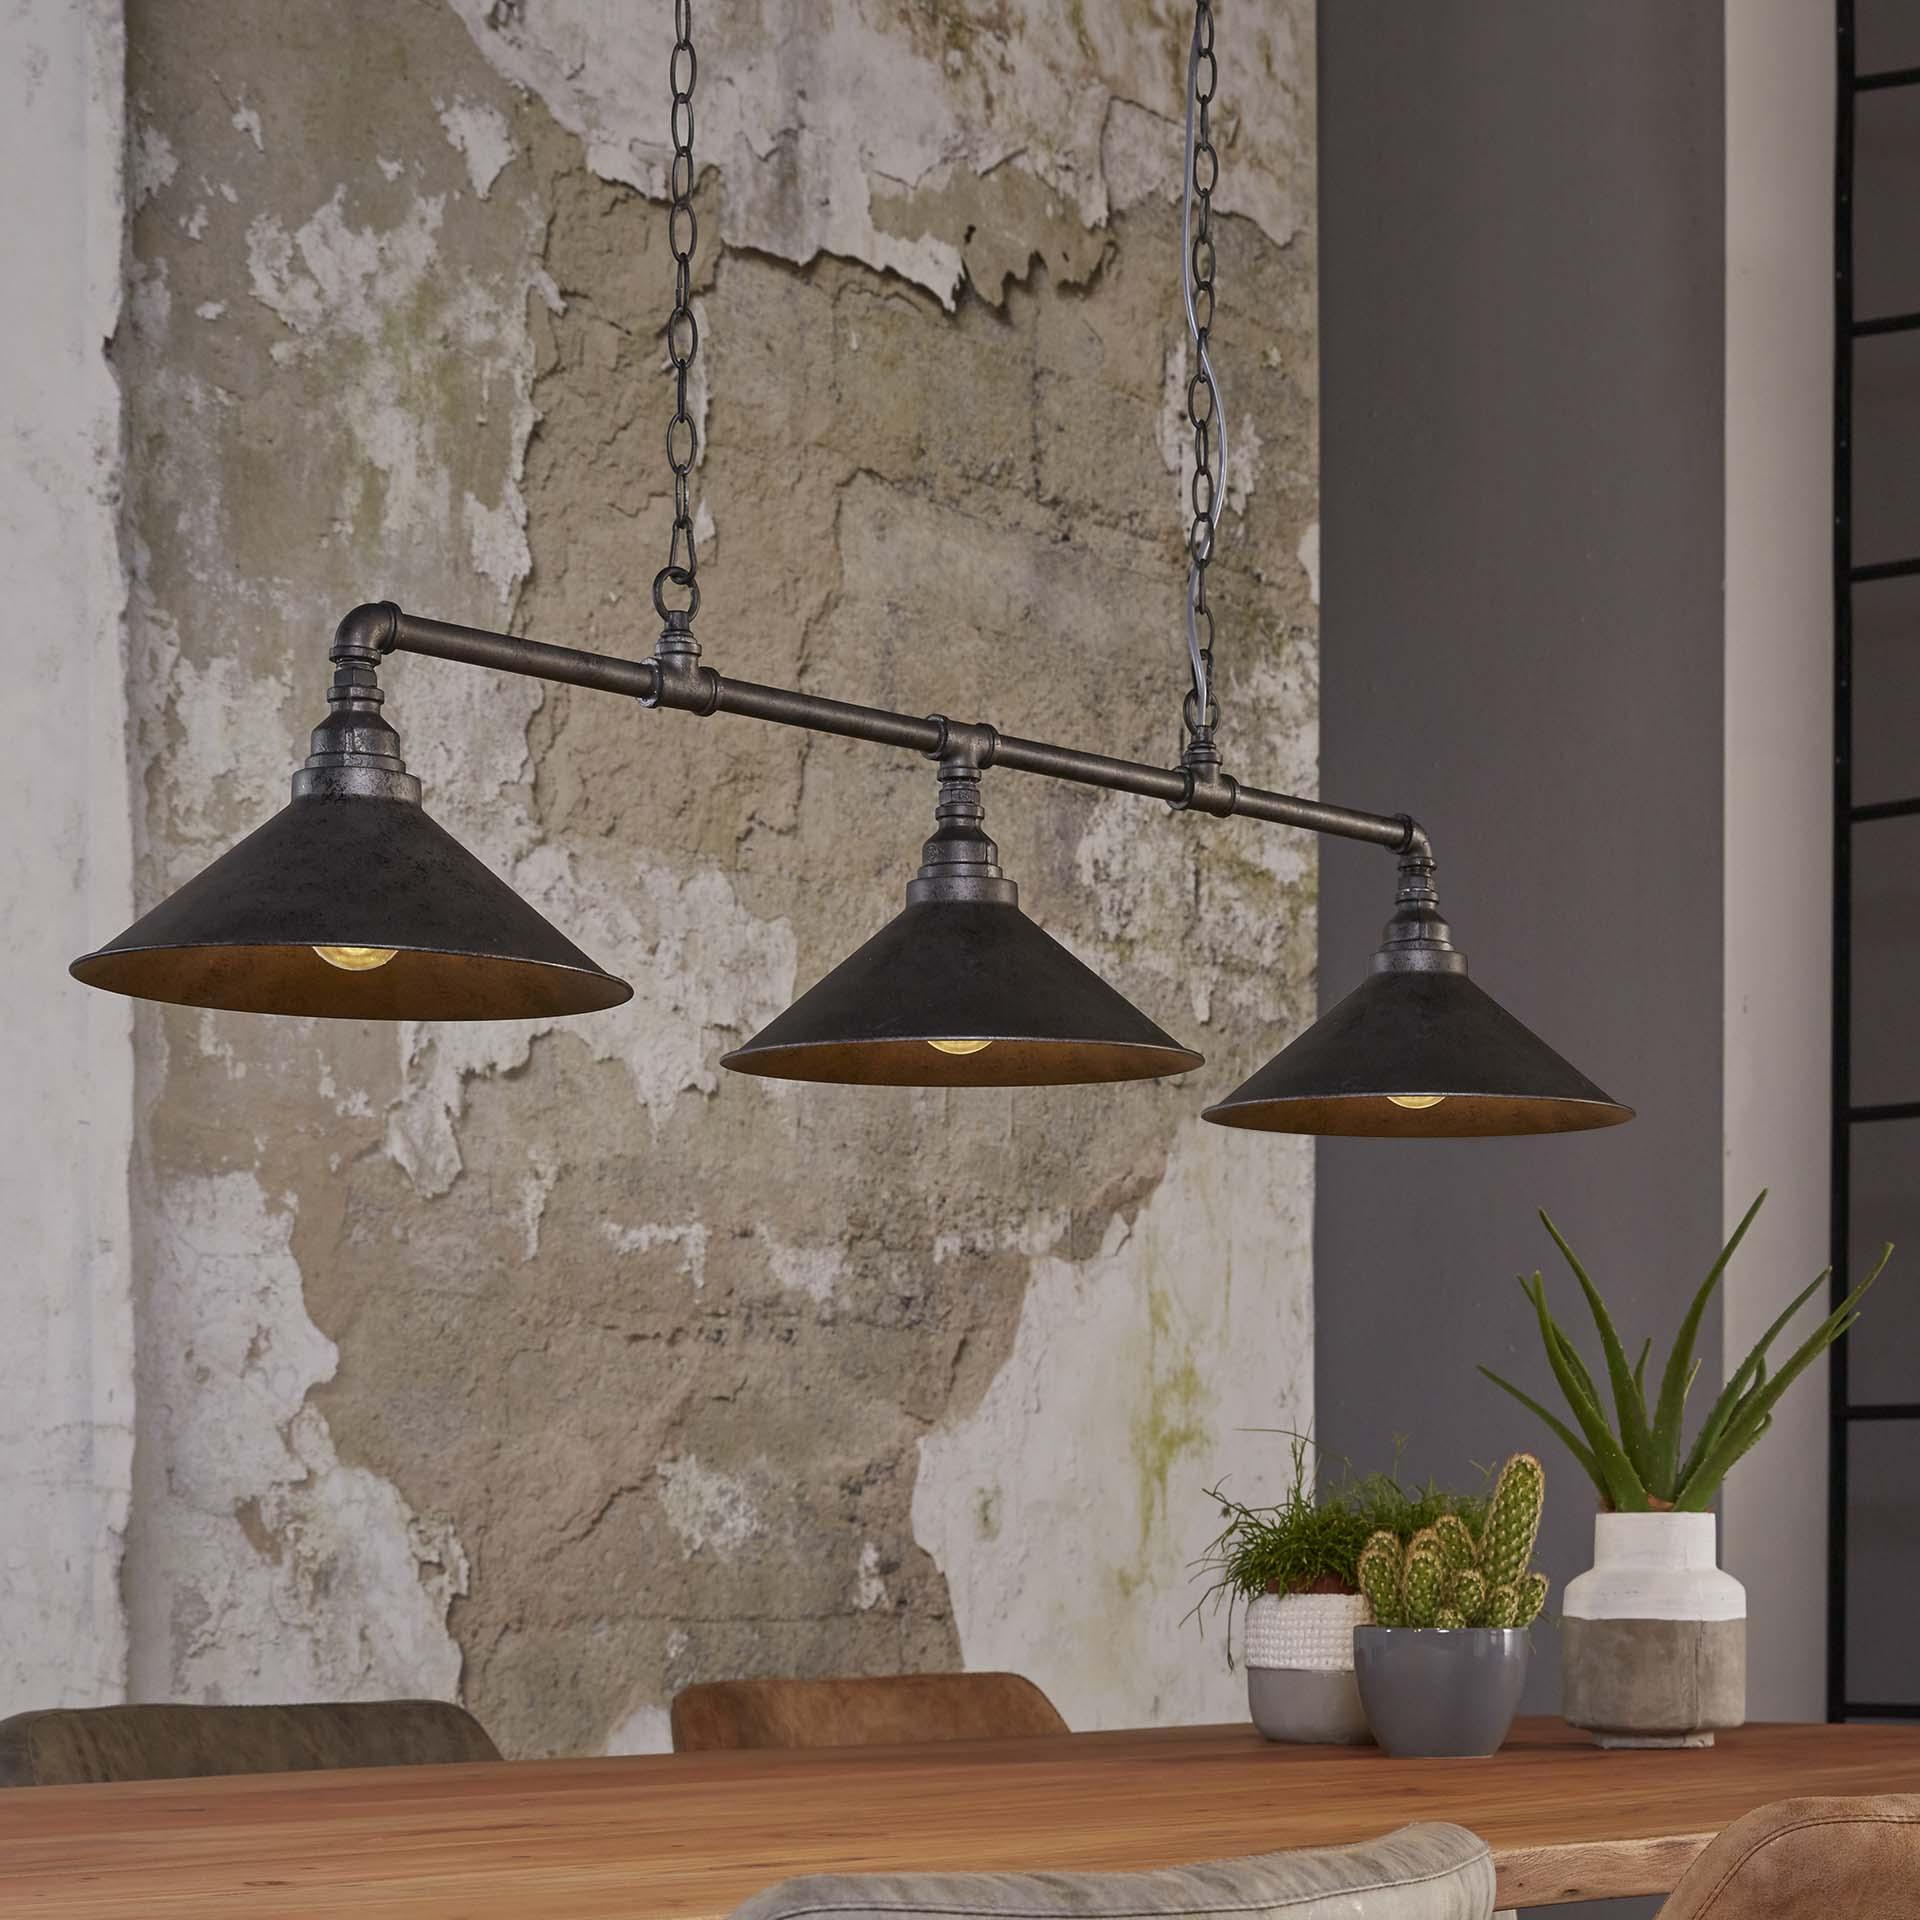 Industriële Hanglamp 'Rod' met 3 kappen van Ø30 cm